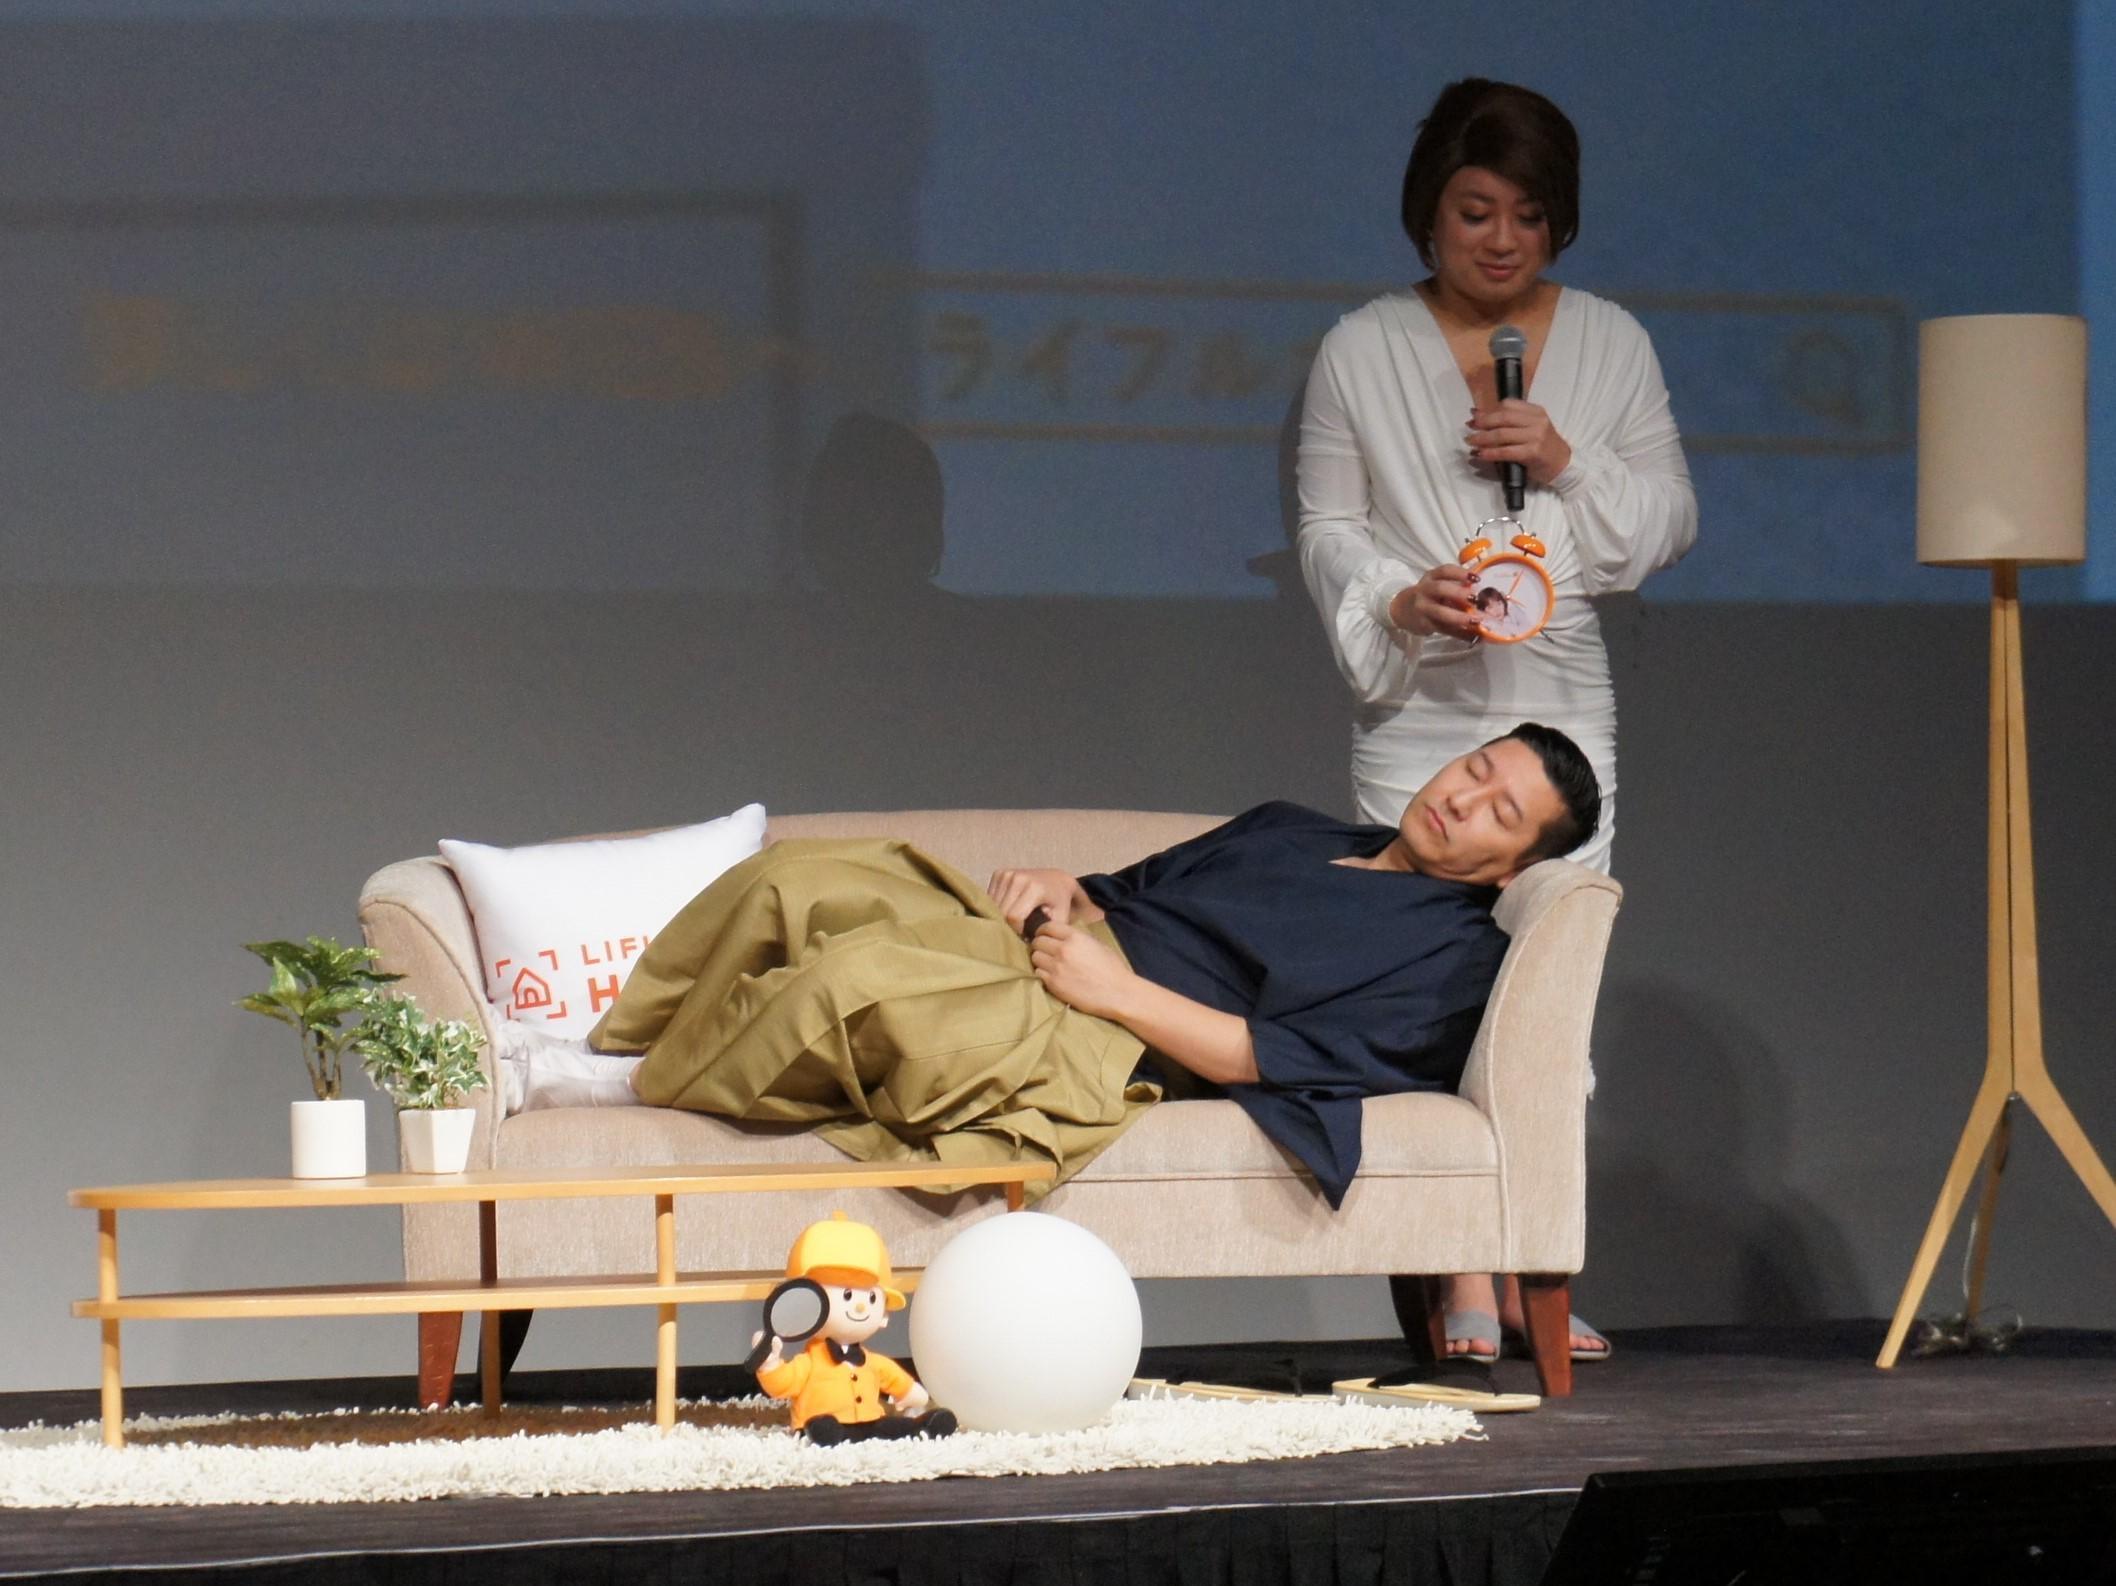 http://news.yoshimoto.co.jp/20190110231447-f9817c9ab32b677e714c9adae169833c4b443fdd.jpg